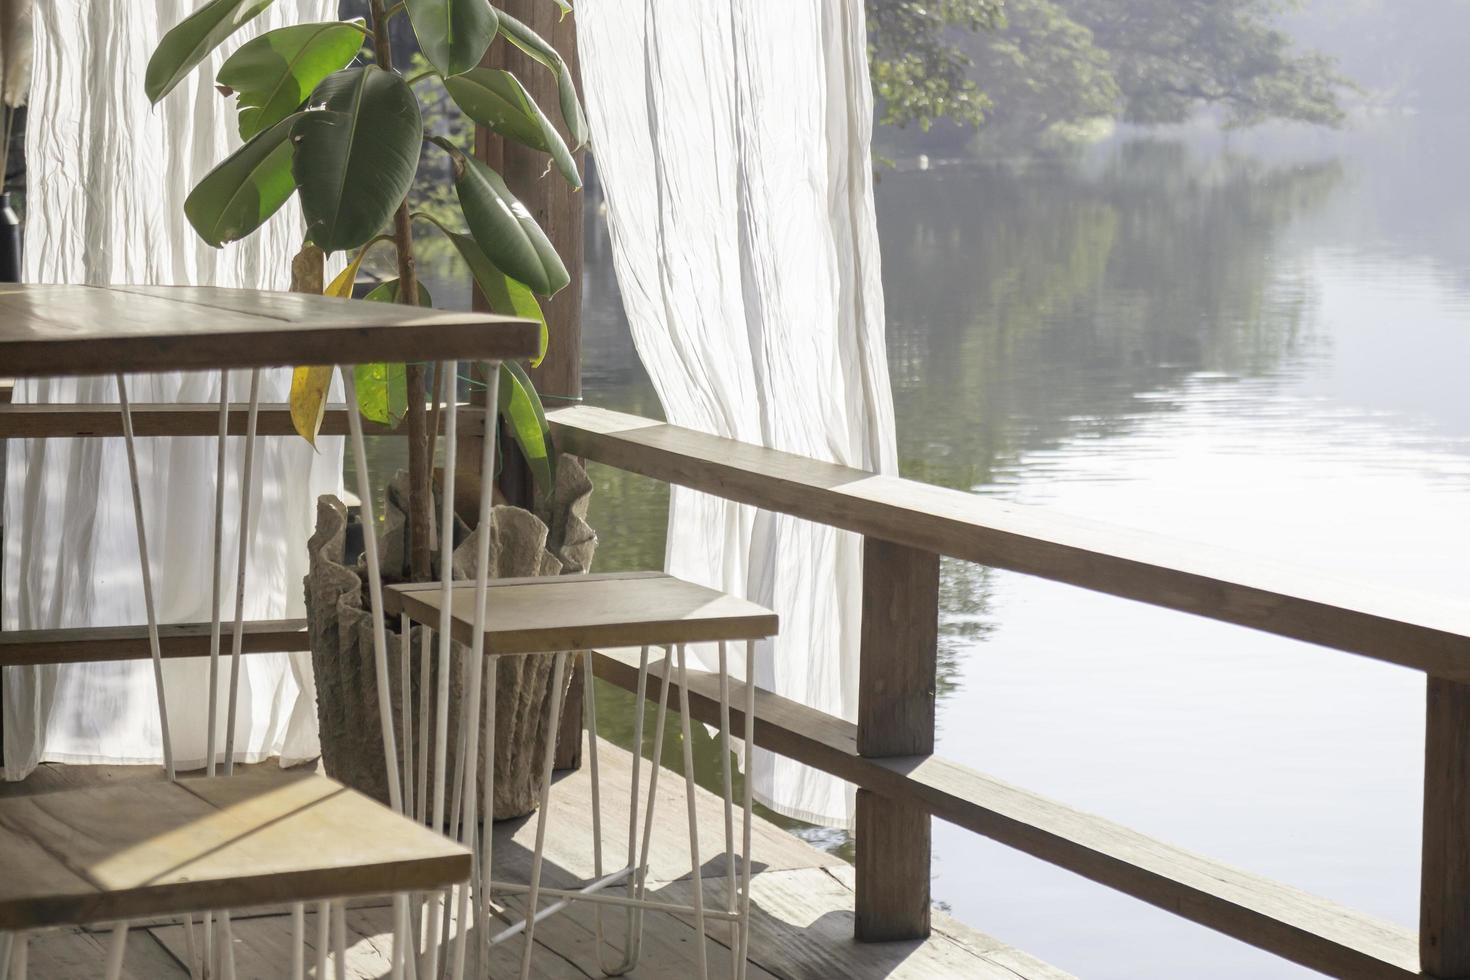 mobili da giardino all'aperto su un lago foto